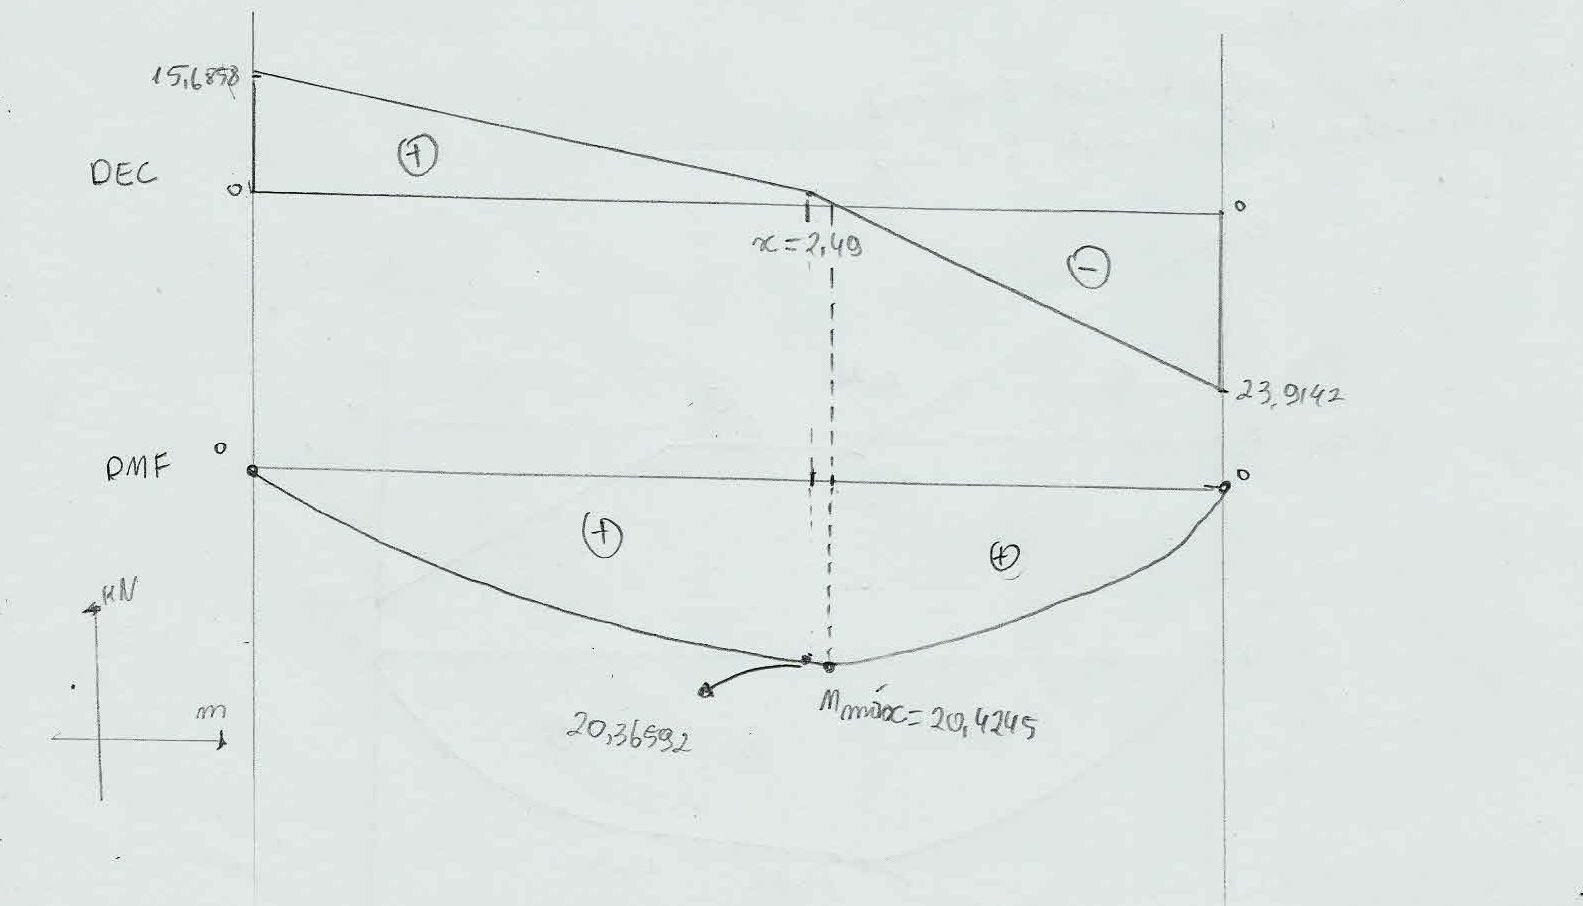 Diagramas De Esforco Cortante E Momento Fletor